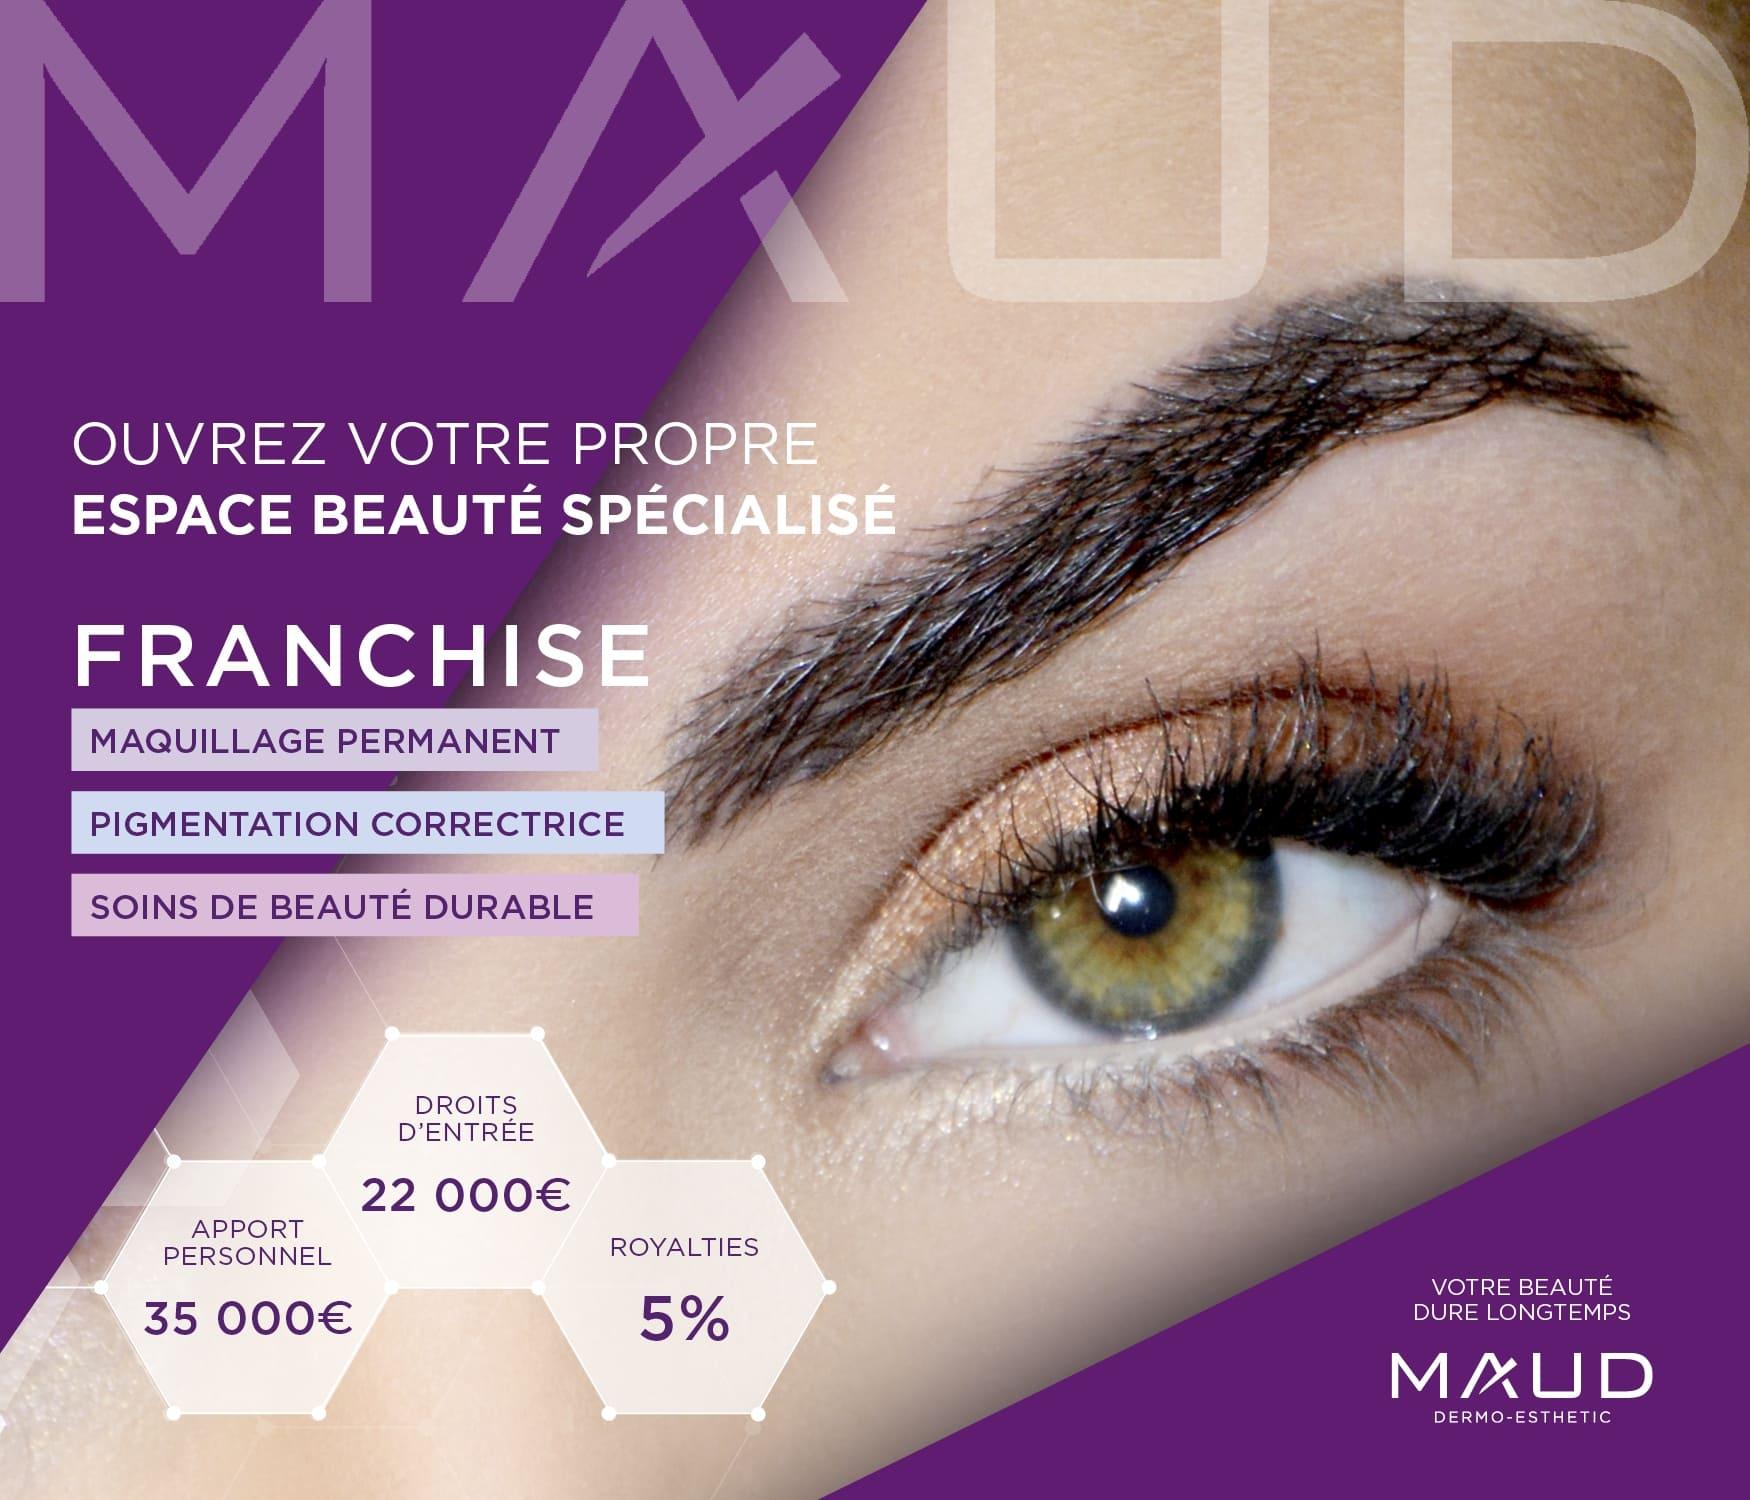 Ouvrez votre franchise - Maud Shop